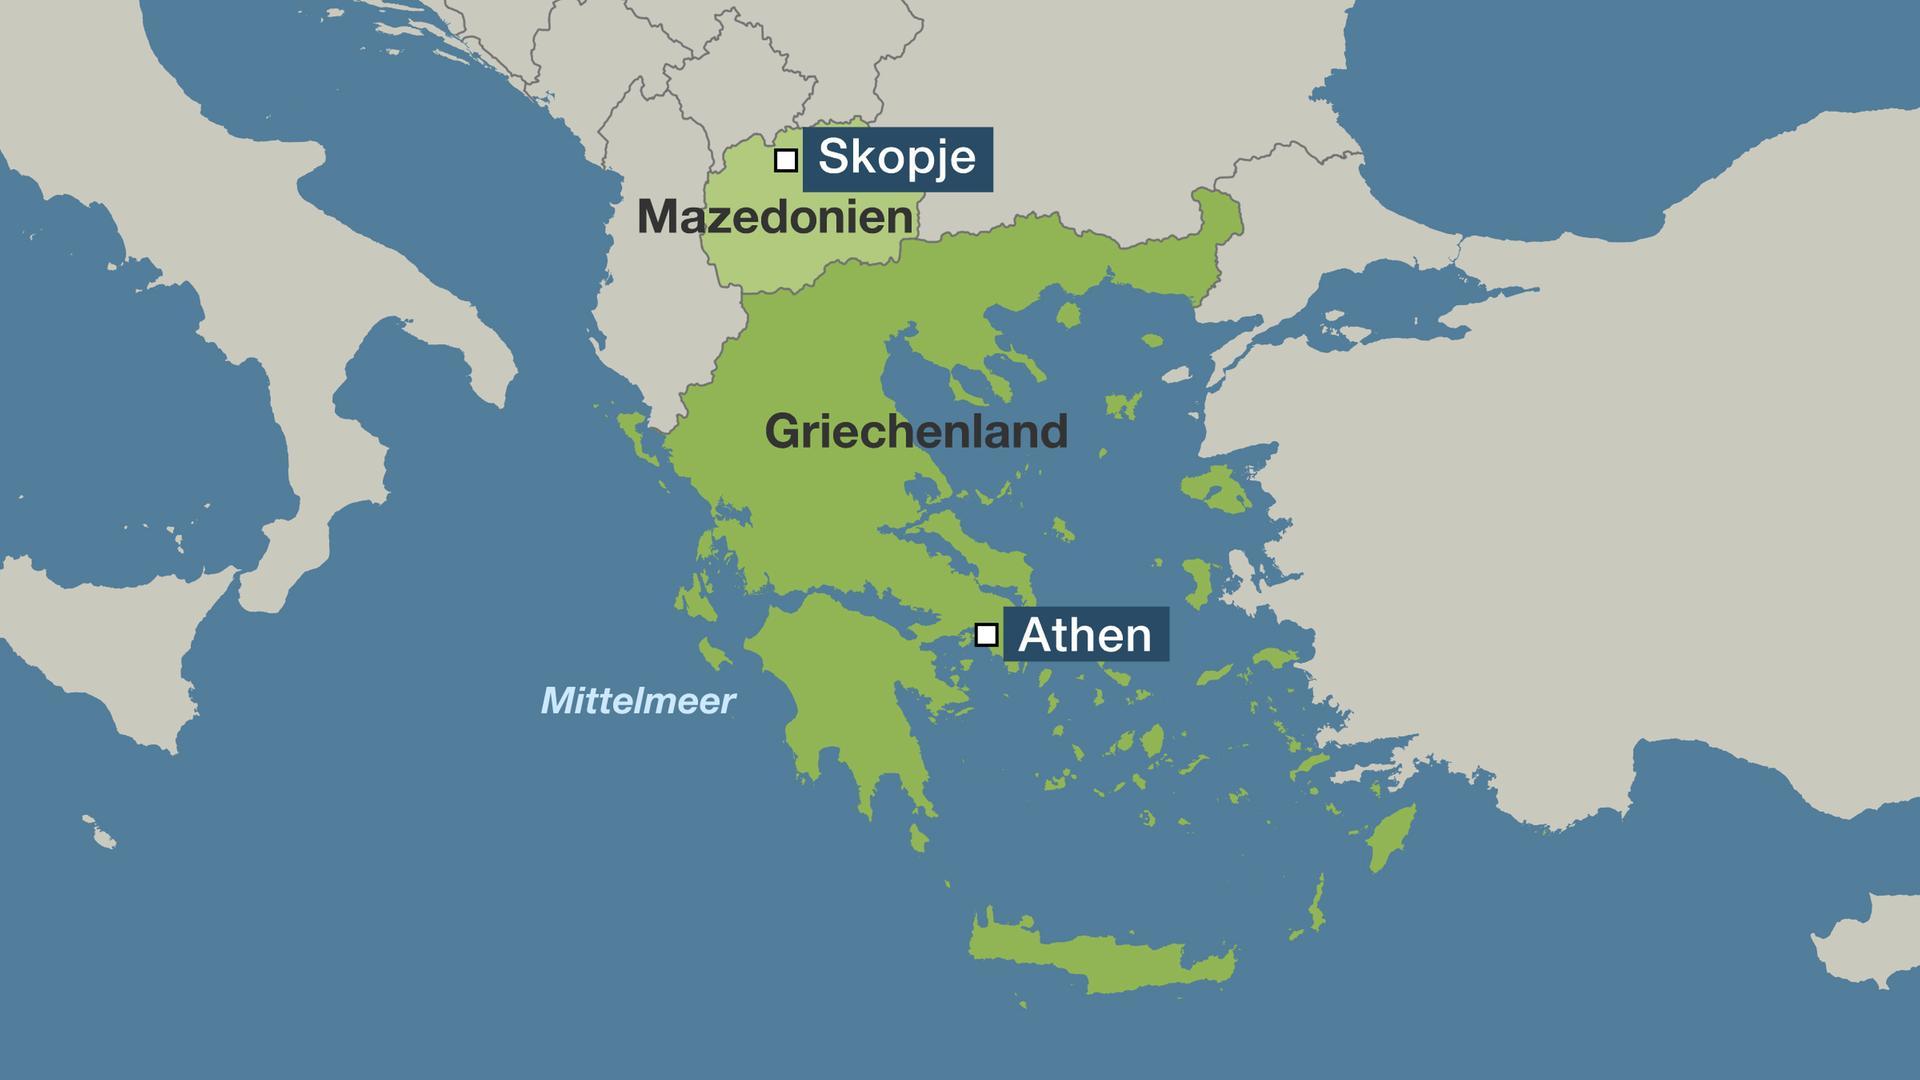 Grüne Karte Mazedonien.Mögliche Beitrittsverhandlungen Albanien Und Mazedonien In Der Eu